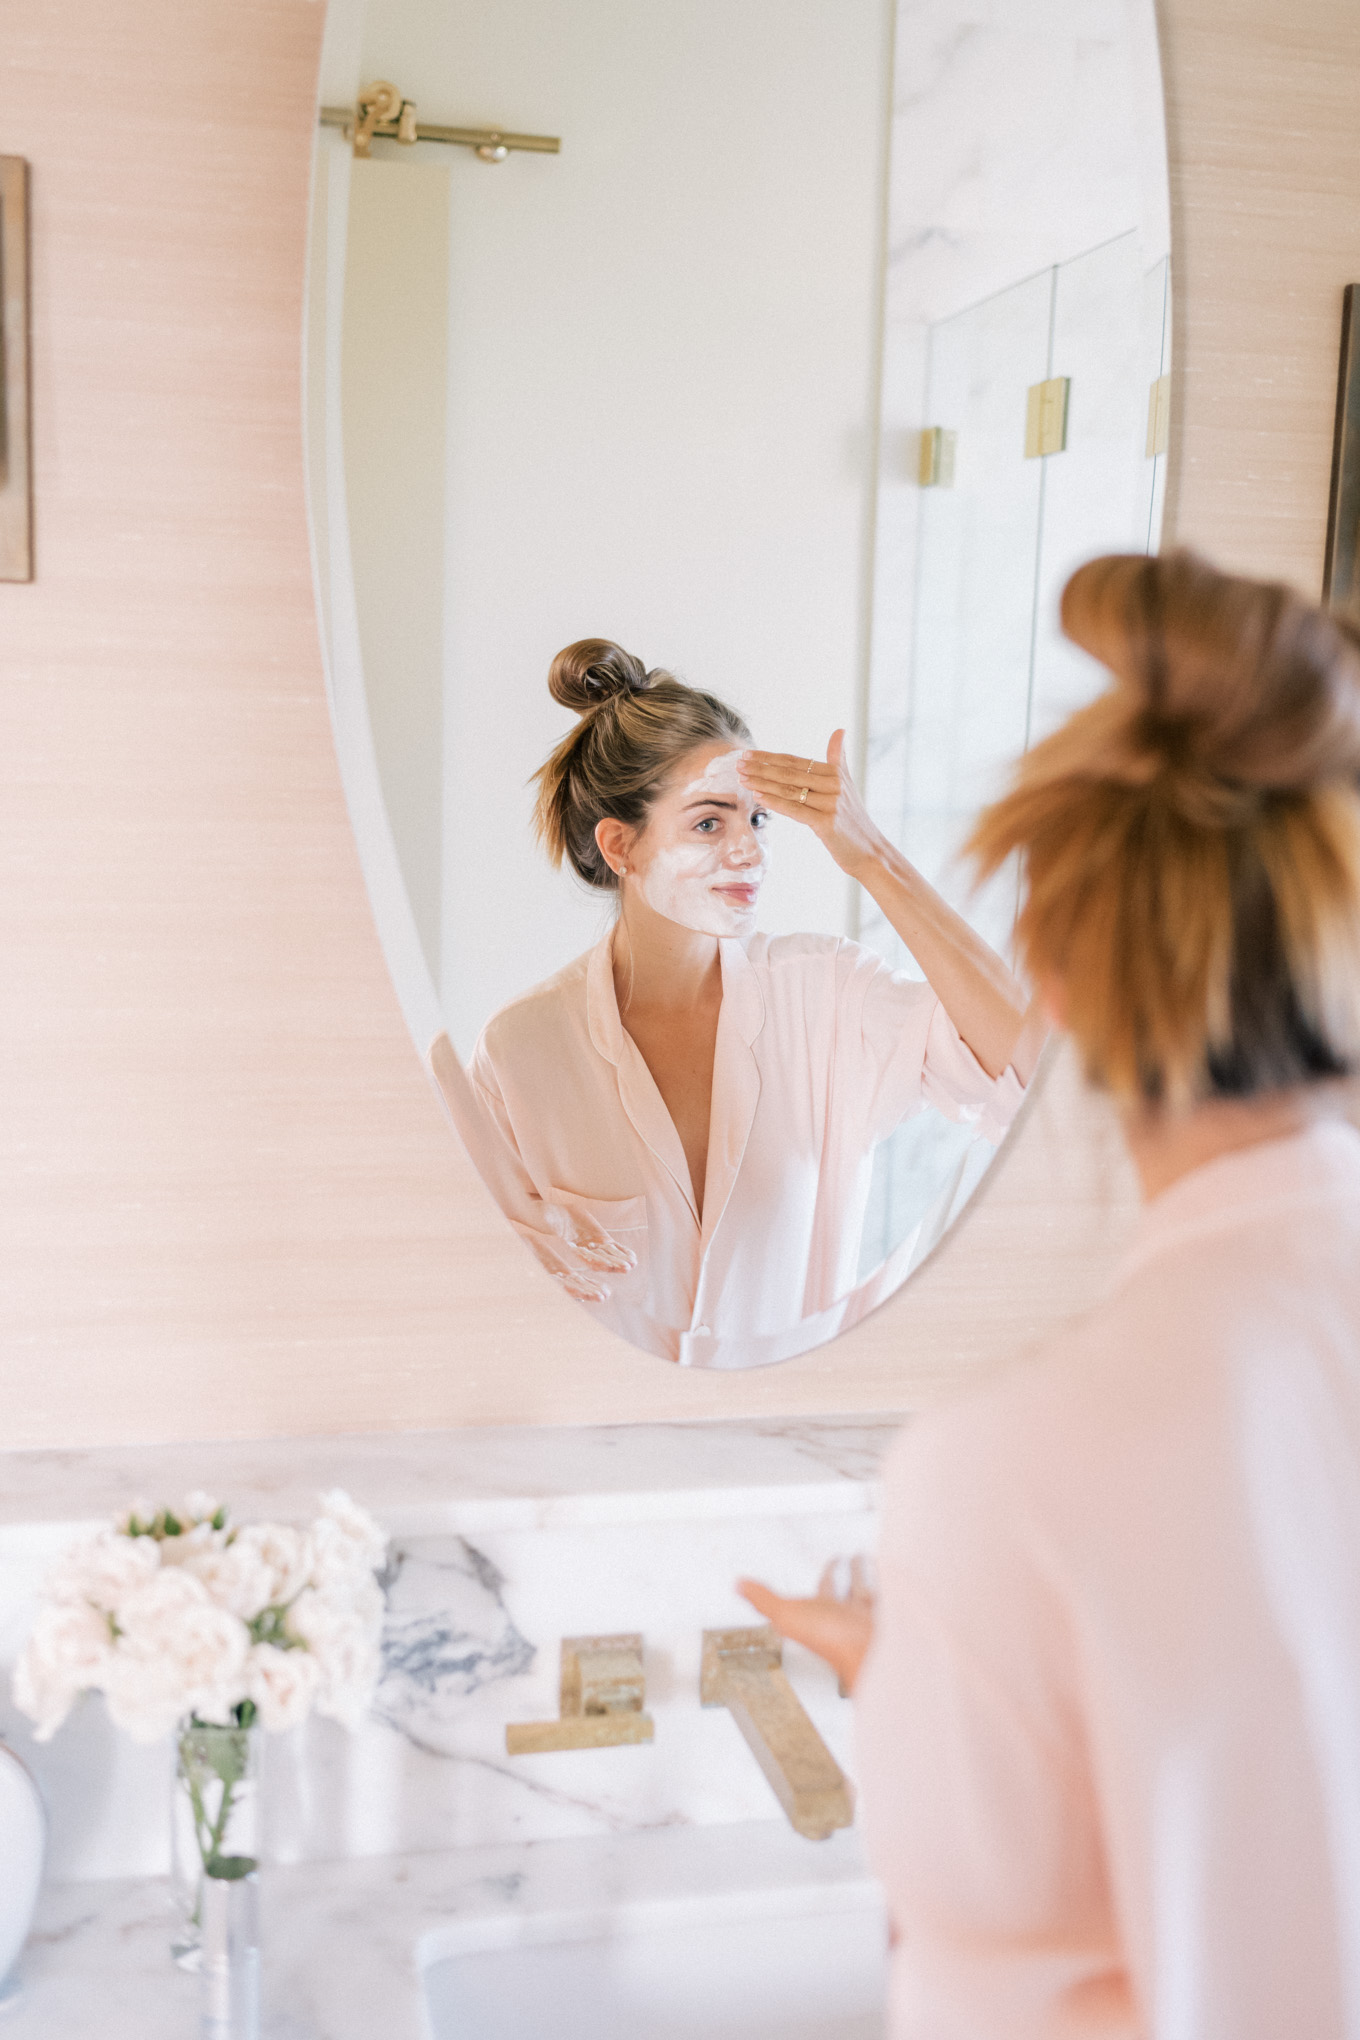 Hasil gambar untuk beauty routine